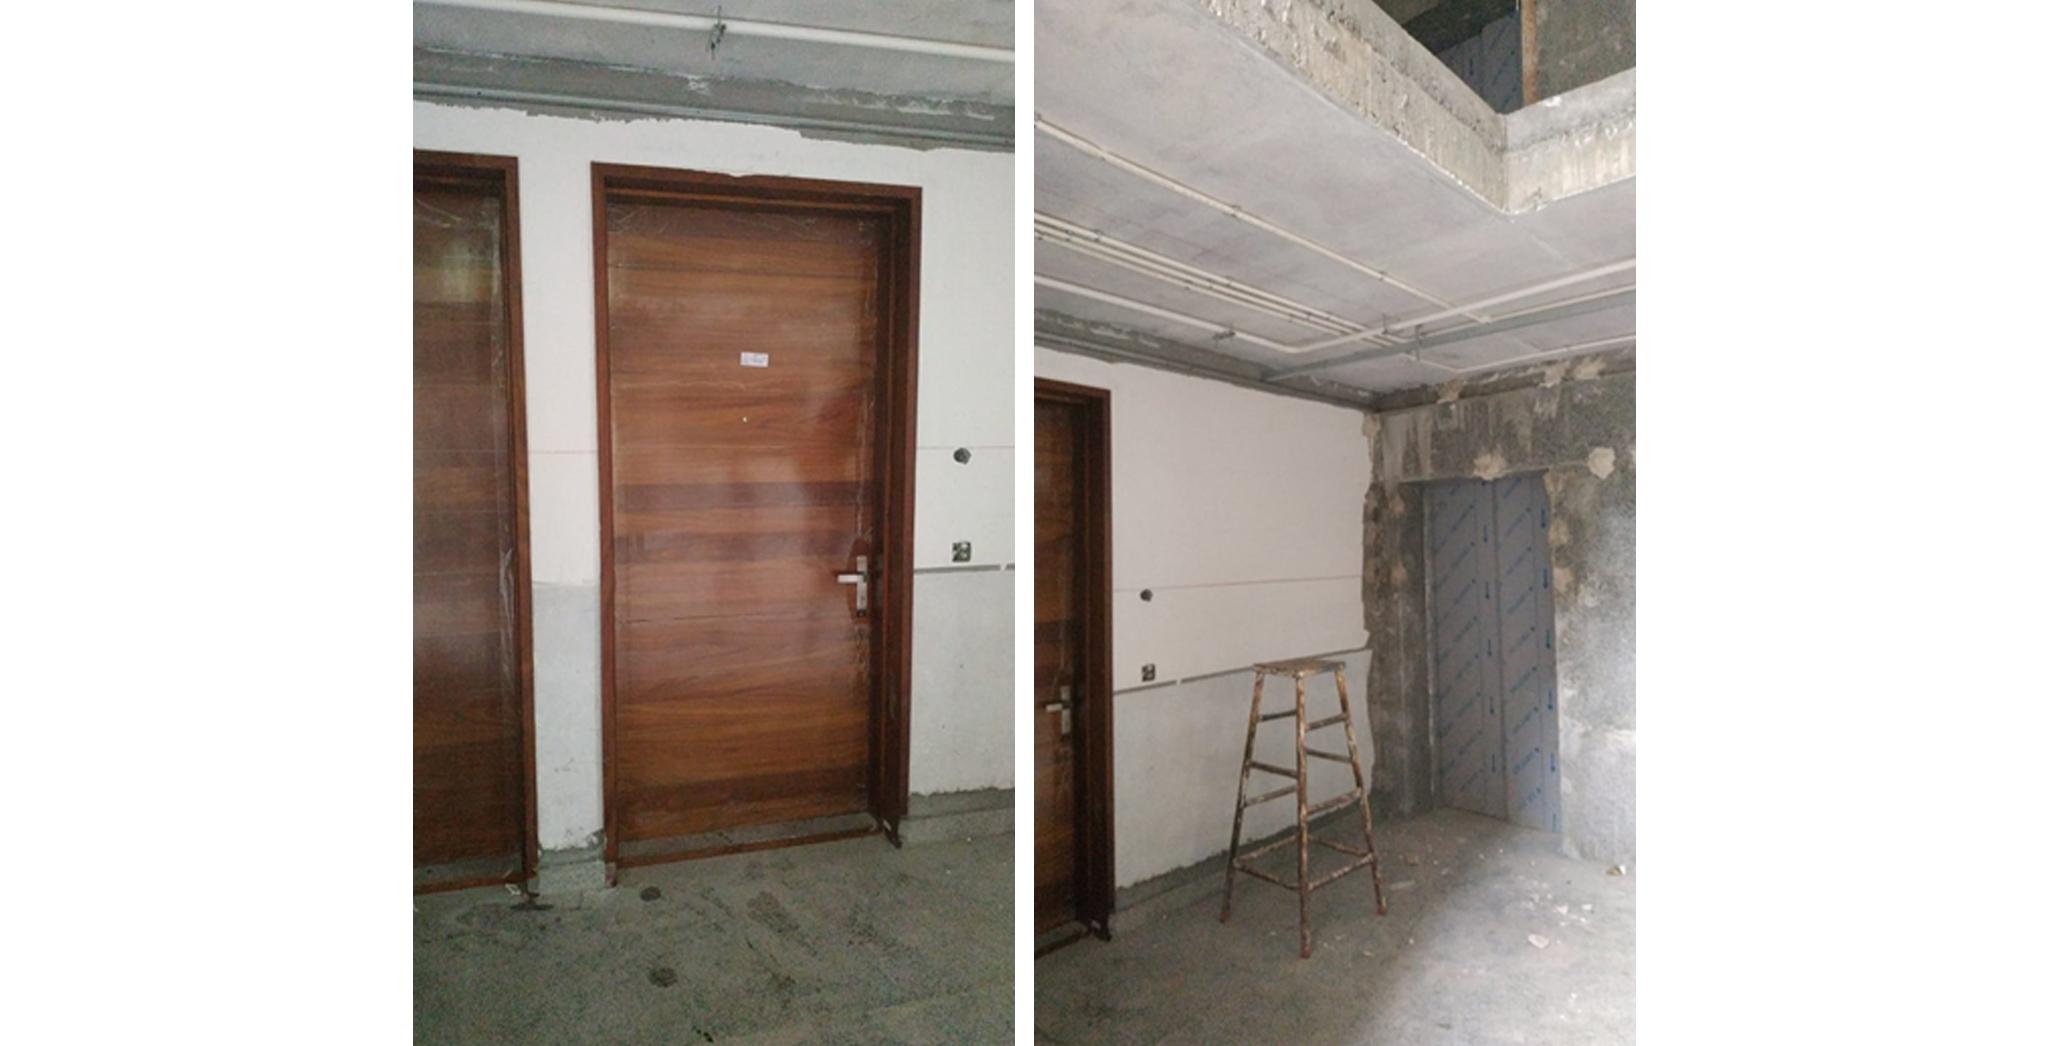 Aug 2021 - L Block: Wooden door fixing in progress. Ground floor lobby False ceiling in progress